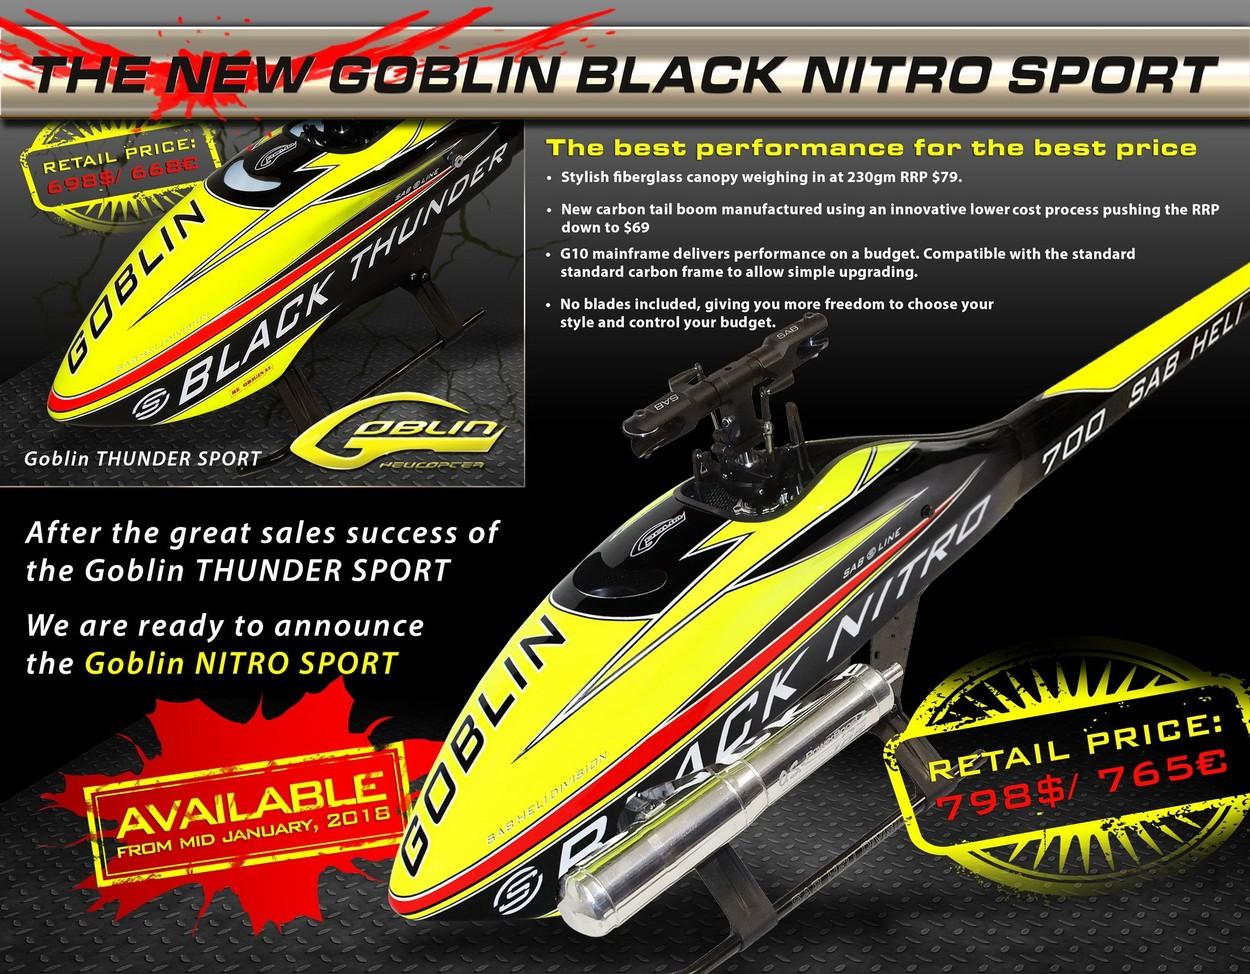 sg710-goblin-nitro-sport-flyer.jpg